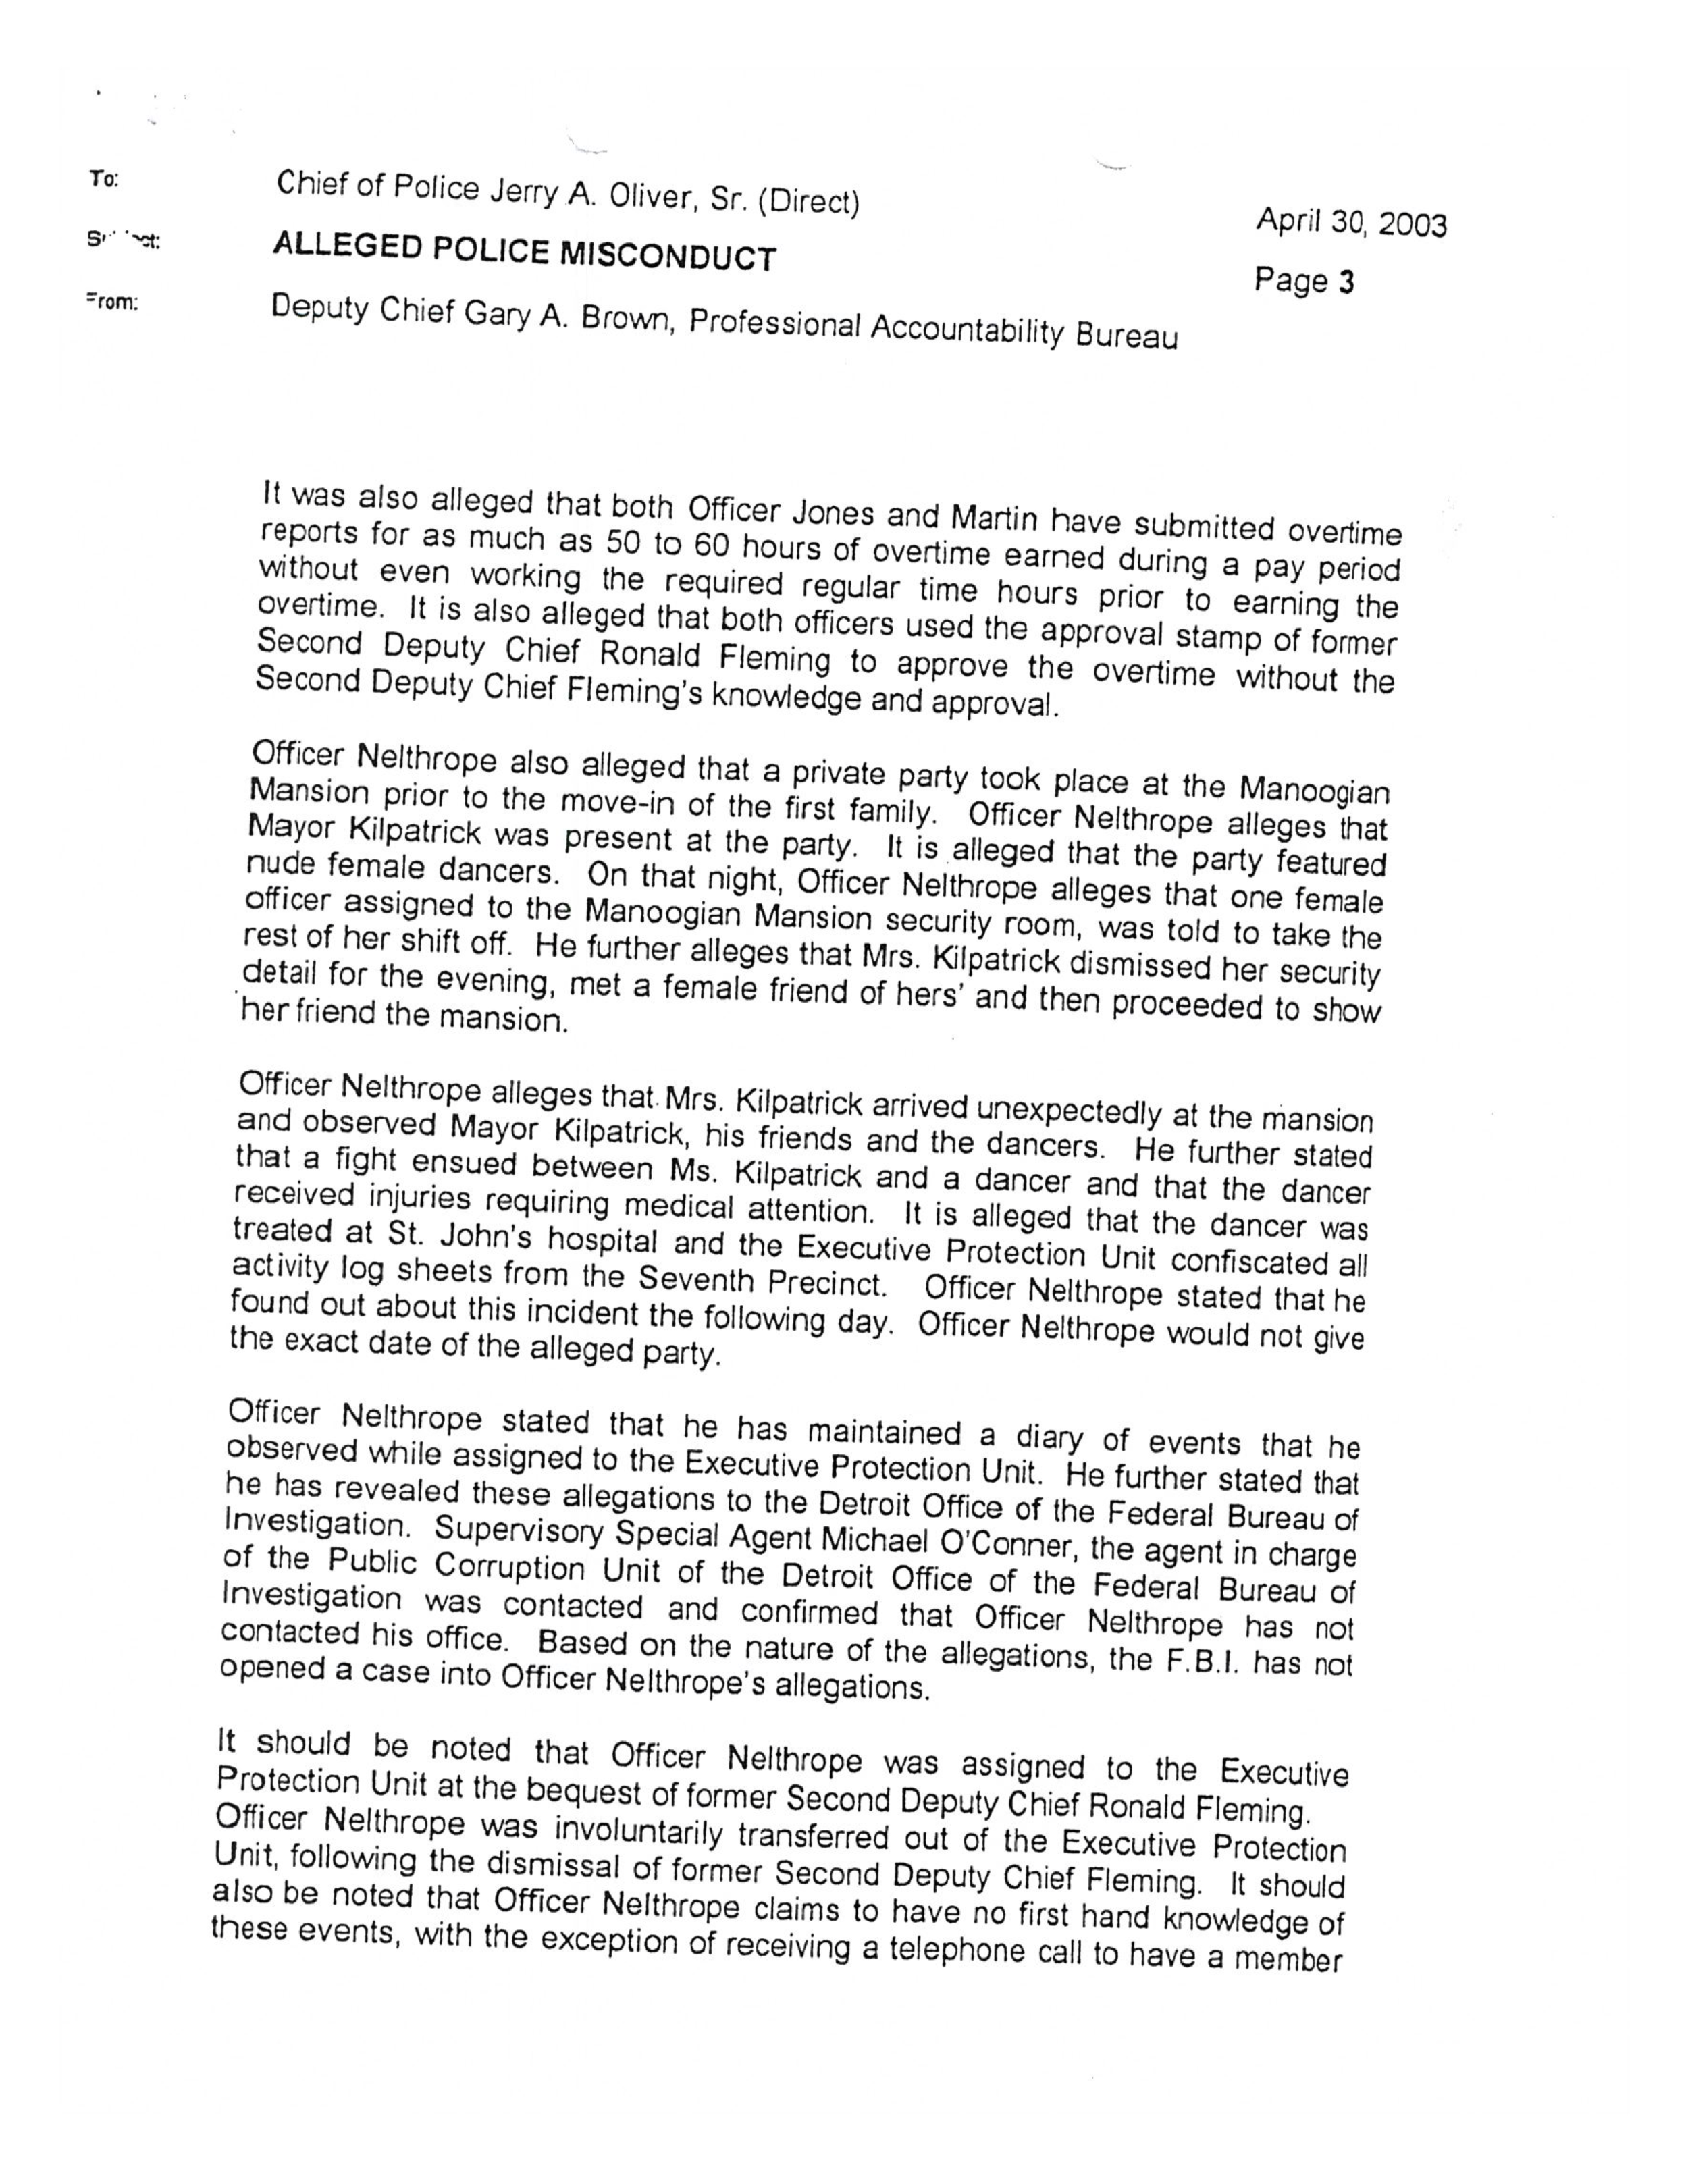 Kilpatrick Civil Suit Files_6.png